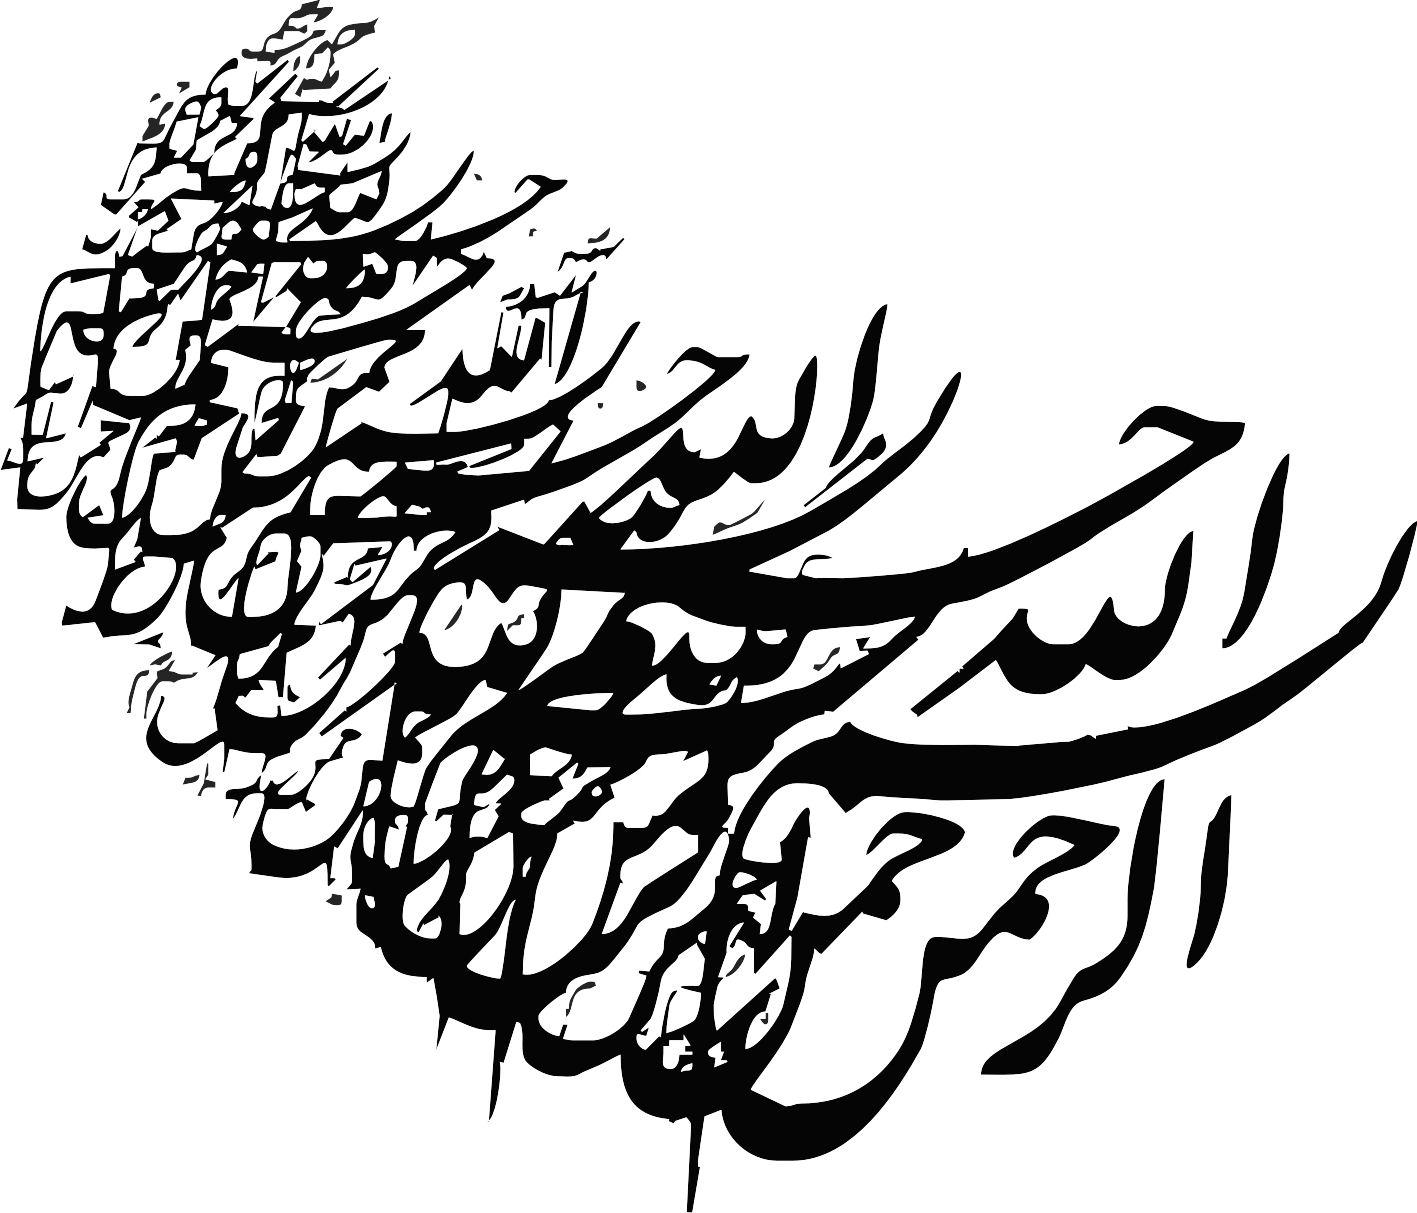 17 - طرح های  بسم الله الرحمن الرحیم برای مقاله و پایان نامه